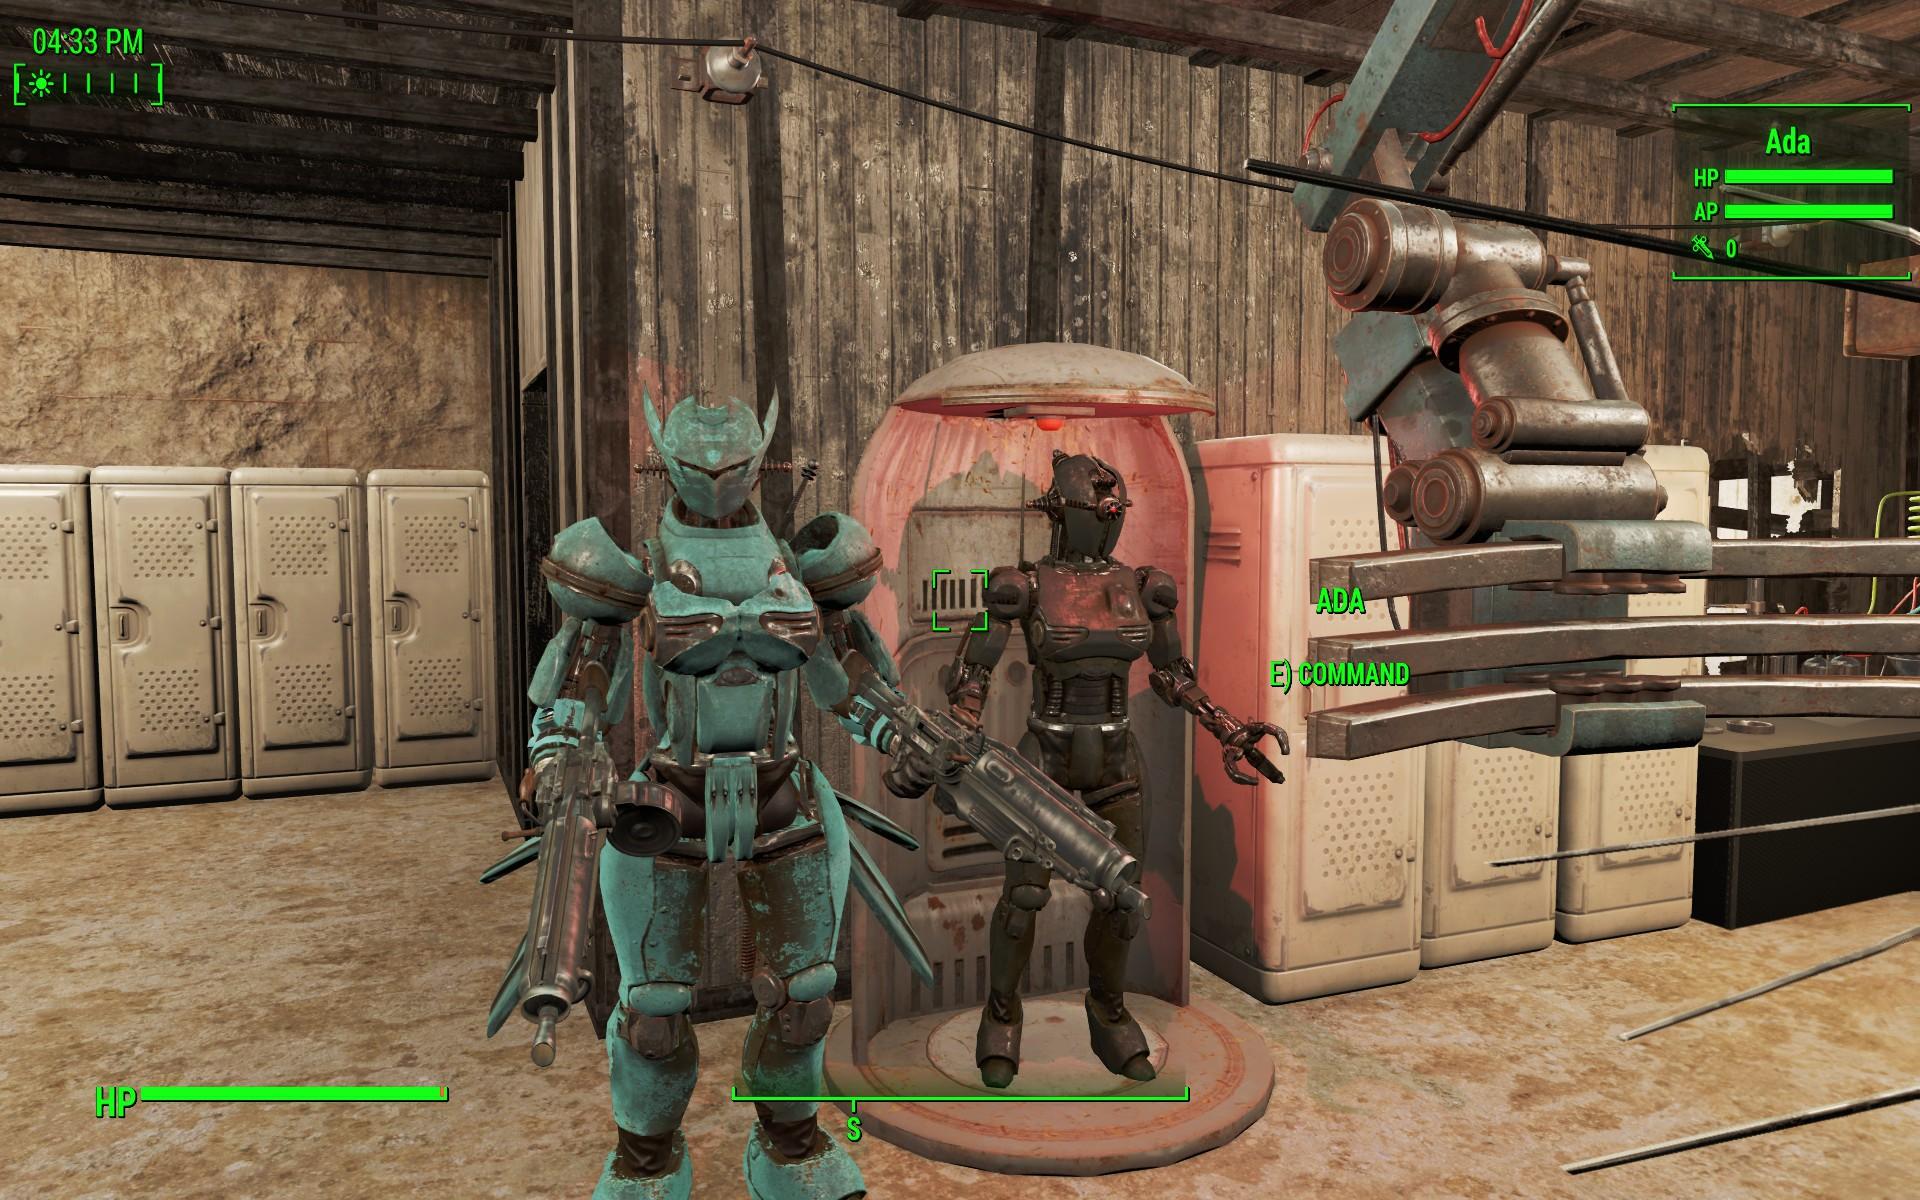 Fallout rule 34 cartoon photo